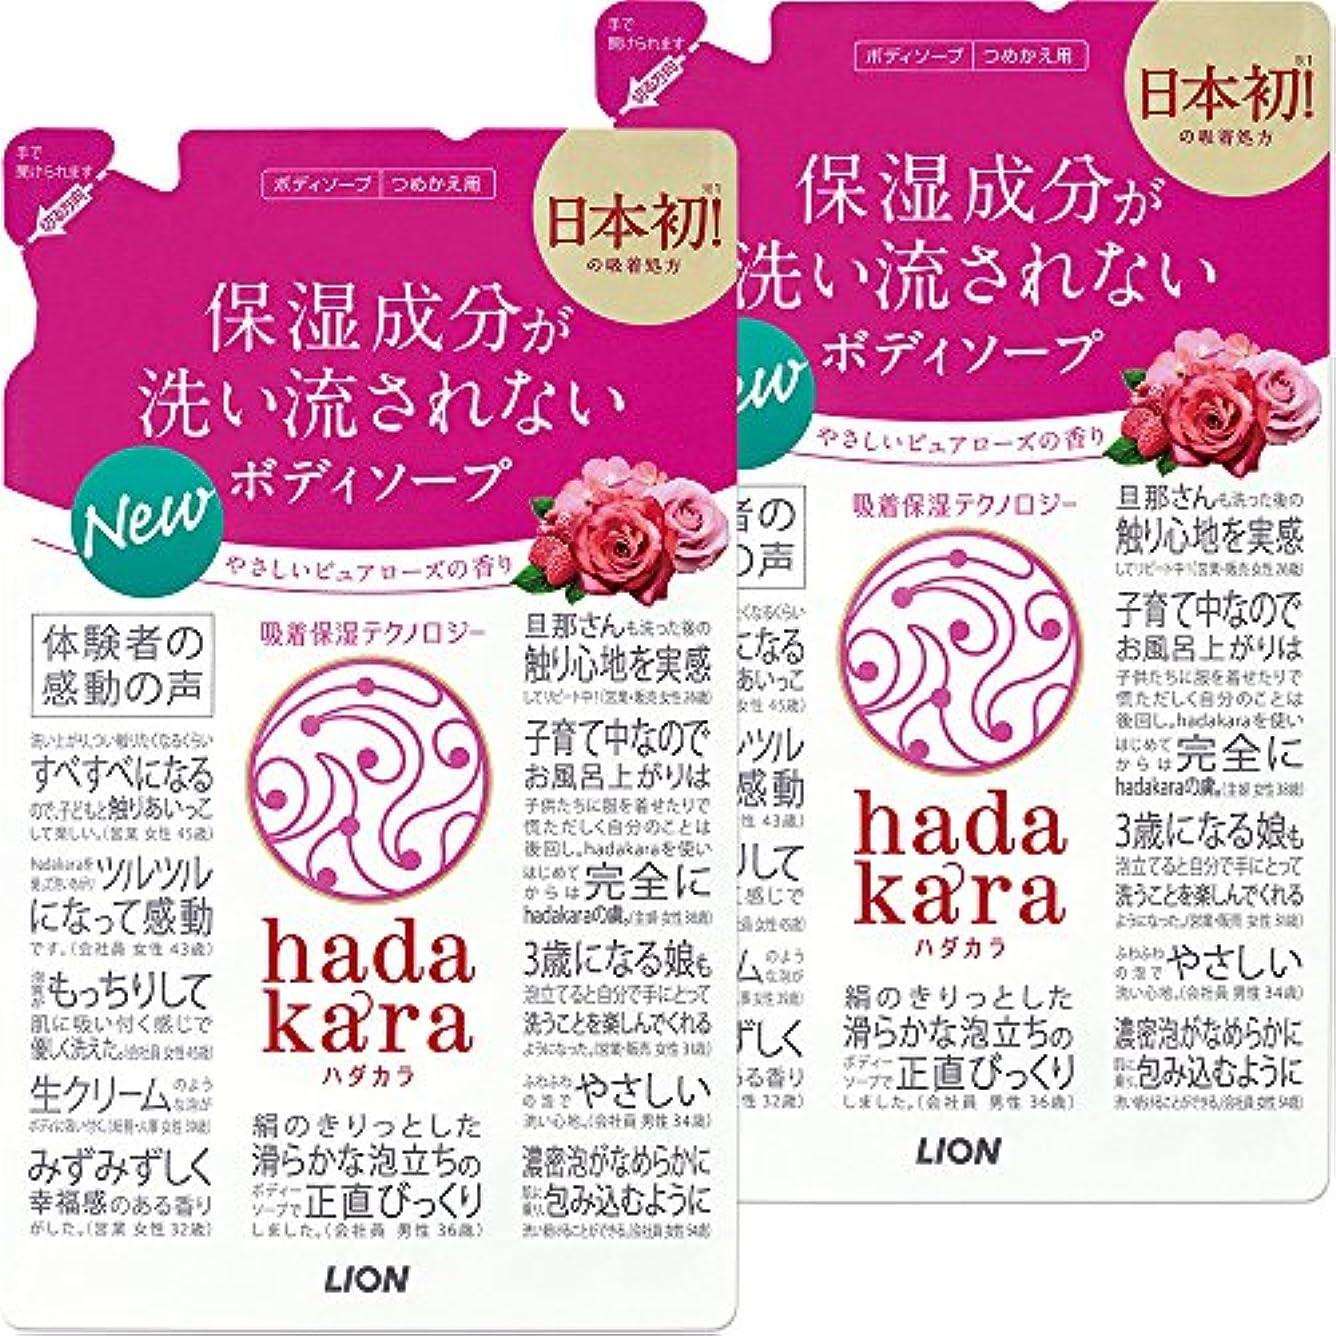 テンポたぶん輝度【まとめ買い】hadakara(ハダカラ) ボディソープ ピュアローズの香り 詰め替え 360ml×2個パック